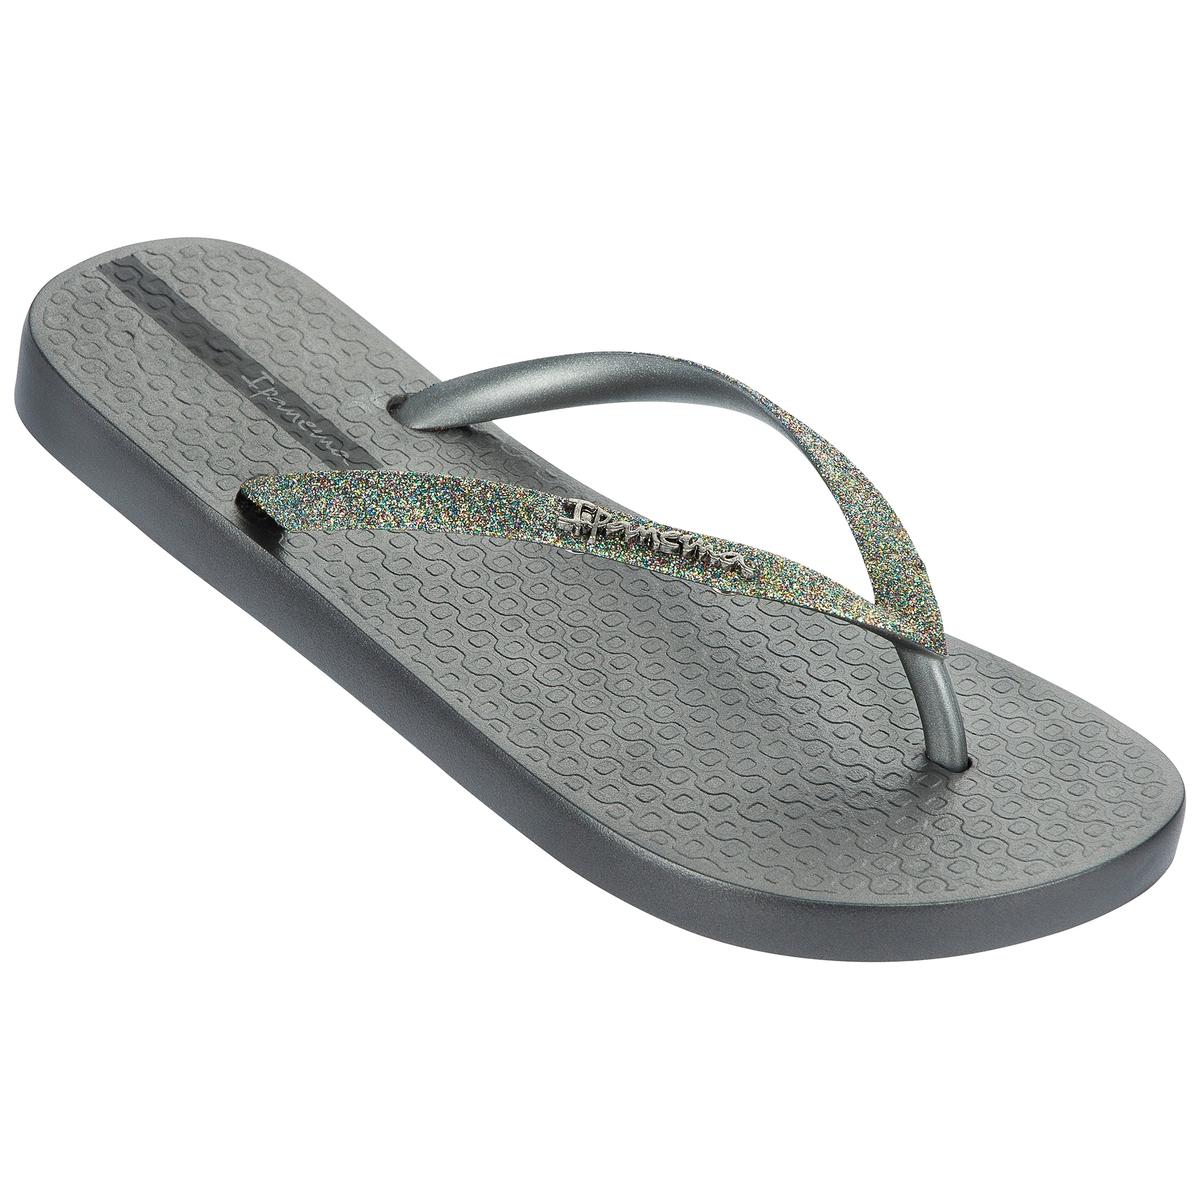 Вьетнамки Lolita IIIПодошва: каучук Форма каблука: плоская Мысок: закругленный Застежка: без застежки<br><br>Цвет: серебристый